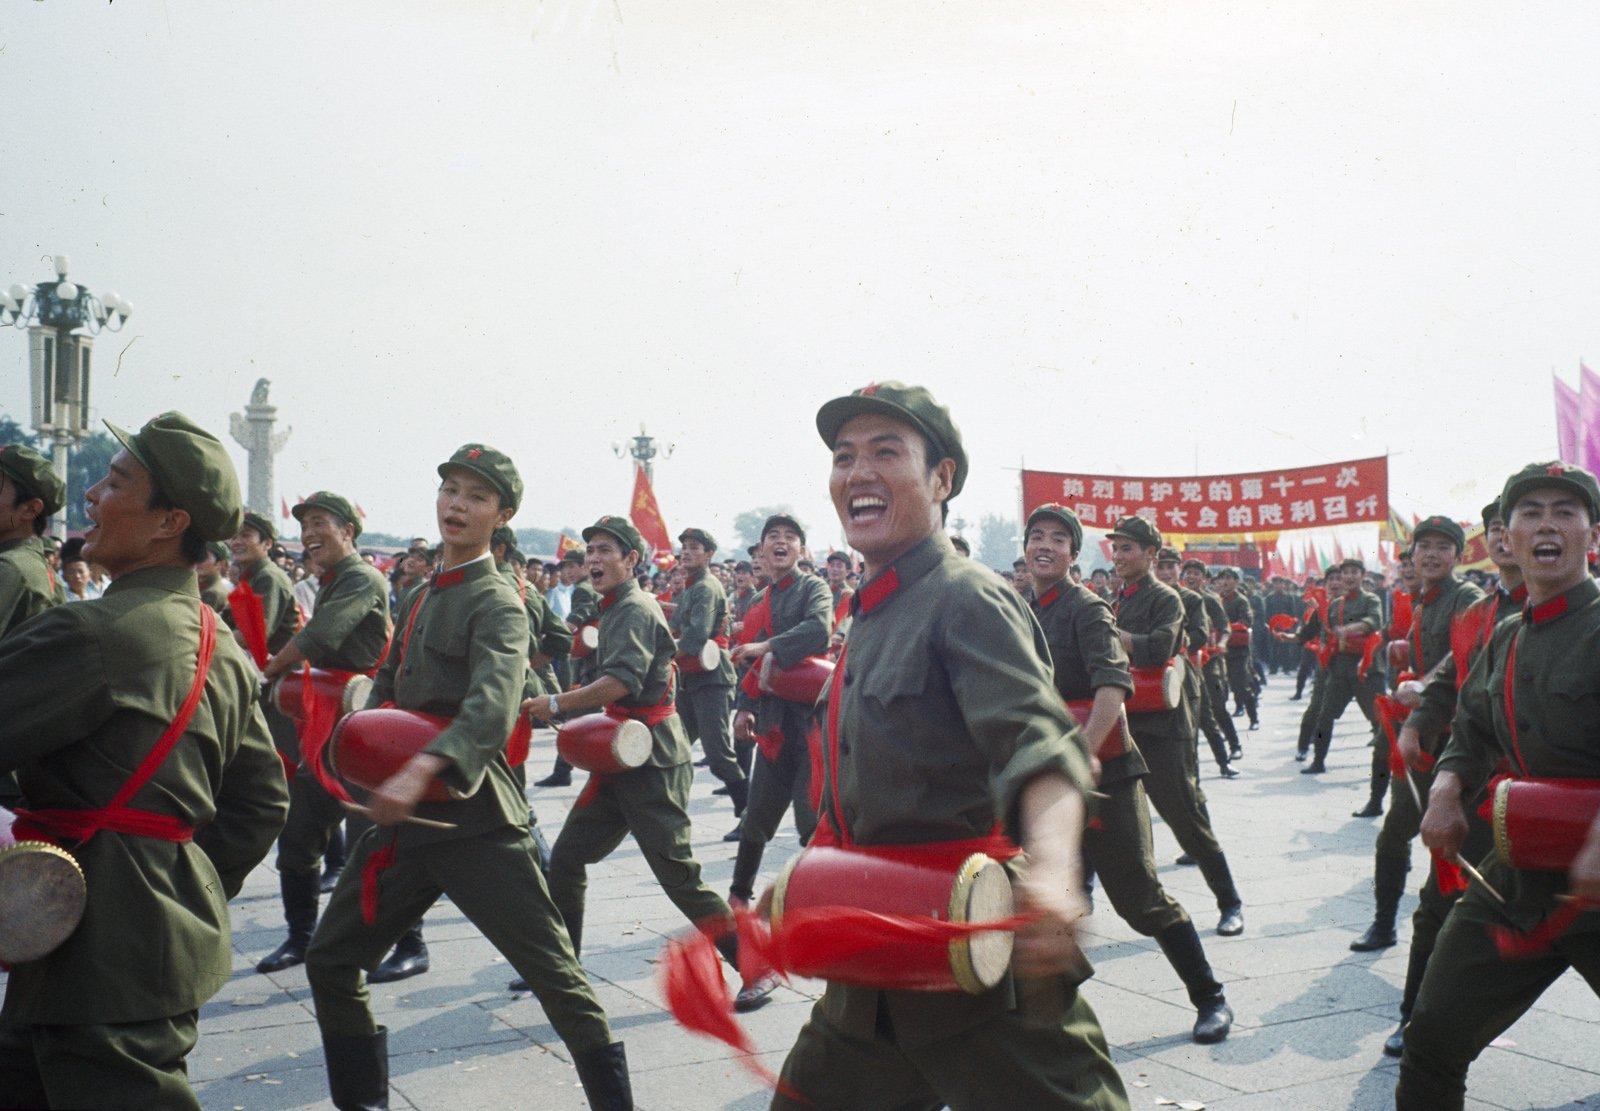 1977年,党的第11次全国代表大会召开,长安街上表演的群众。